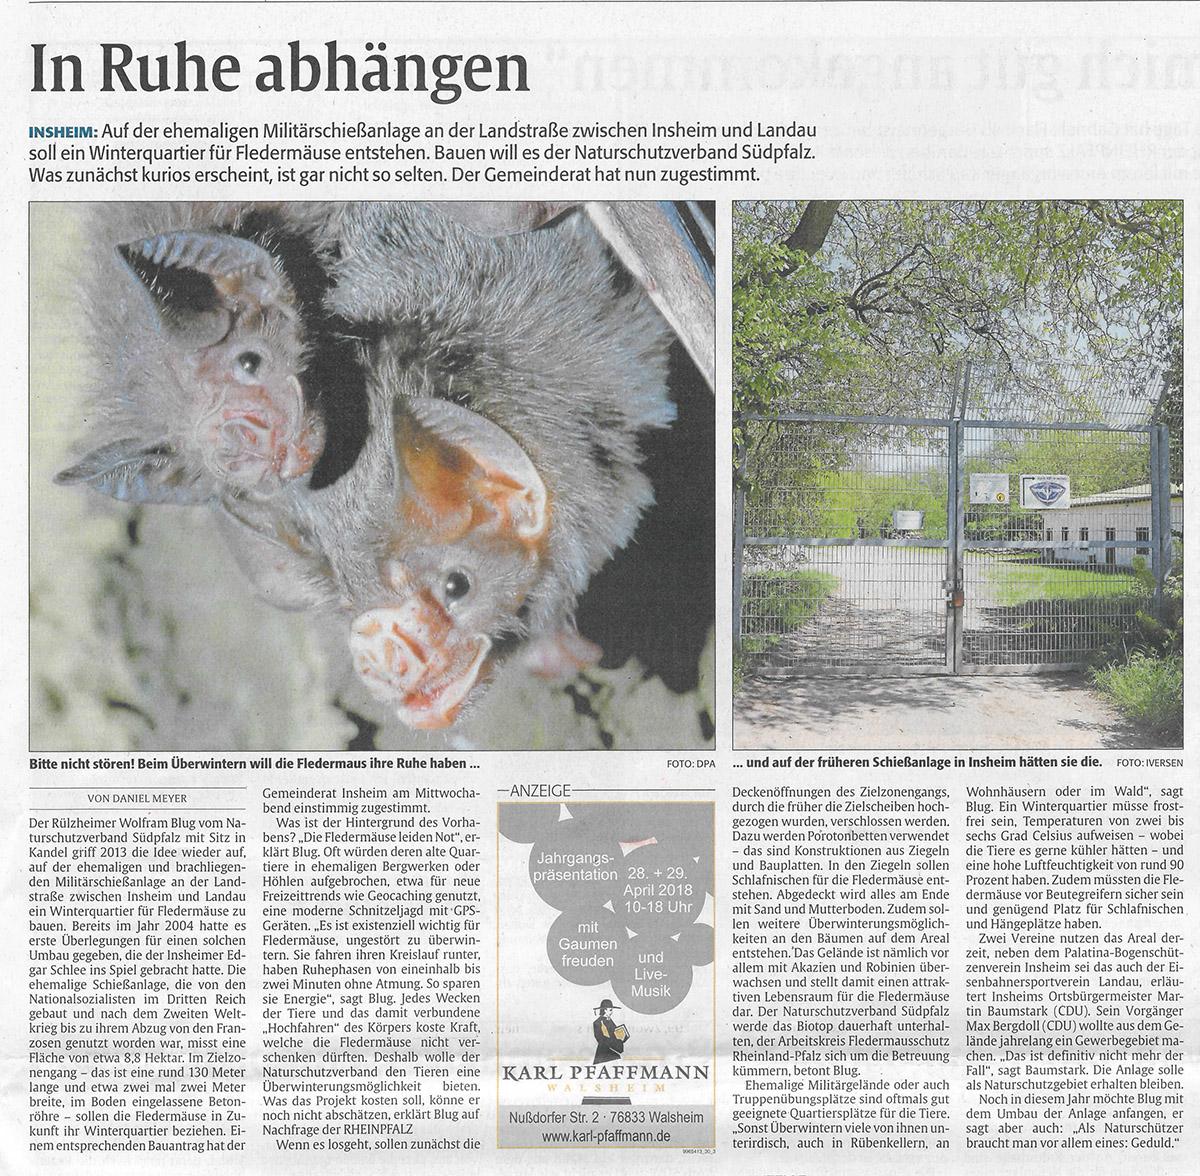 Ehemalige Schießanlage bei Insheim als Winterquartier für Fledermäuse